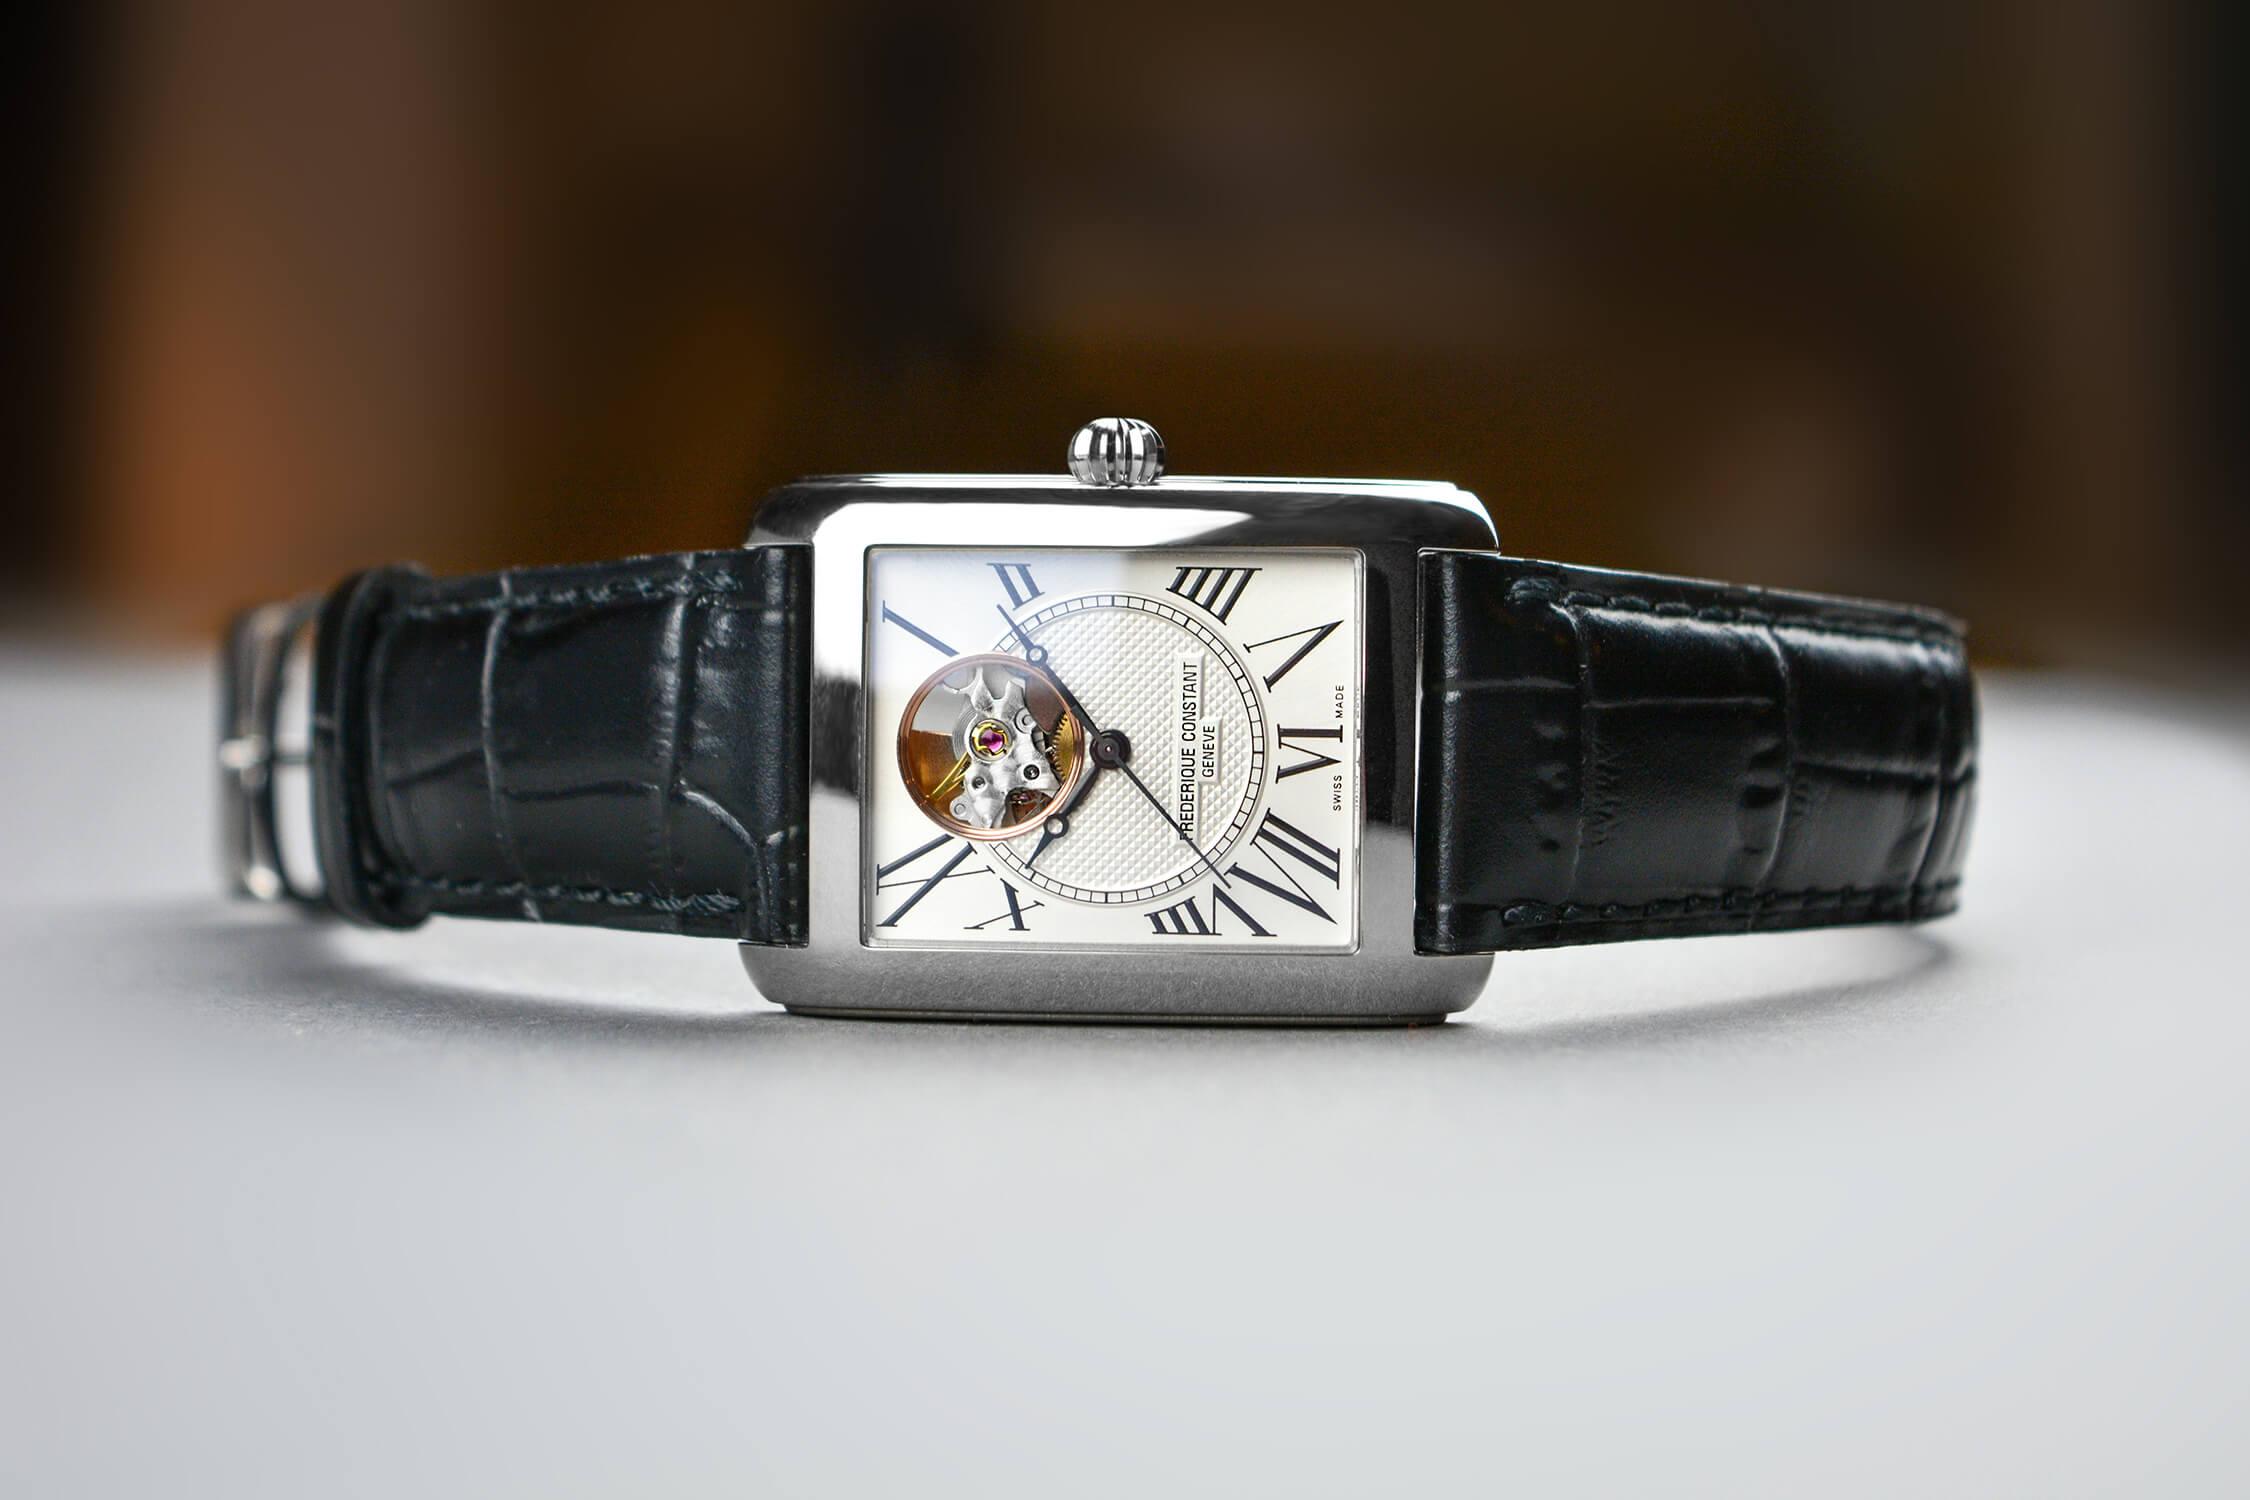 швейцарские часы фредерик констант